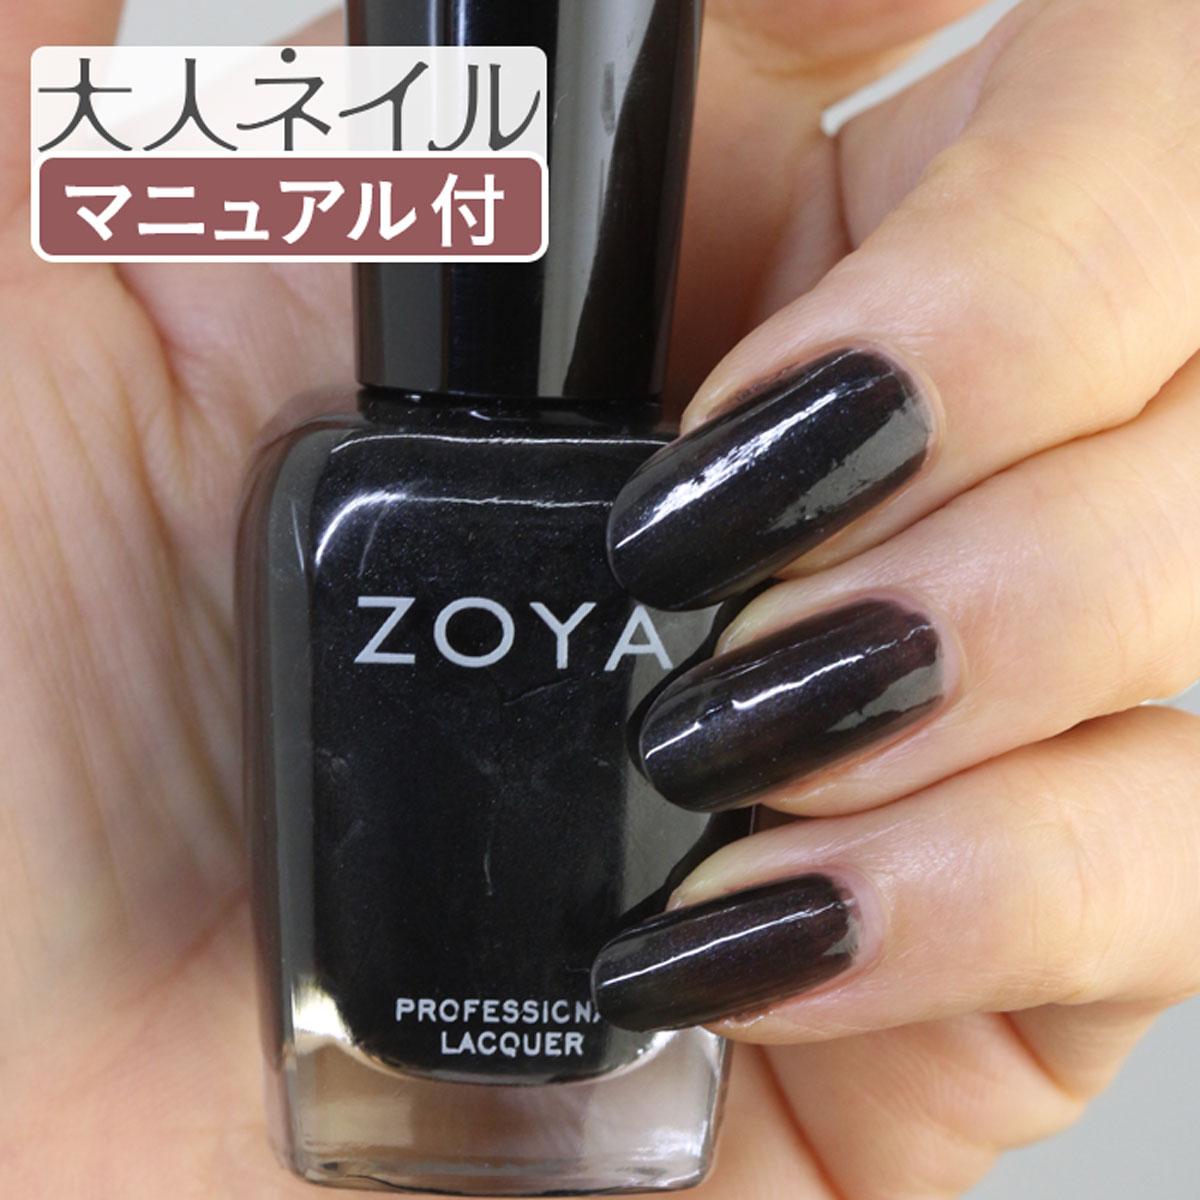 ZOYA ゾーヤ ゾヤ ネイルカラー ZP387 15mL RAVEN レイブン 自爪 の為に作られた ネイル にやさしい 自然派 マニキュア zoya セルフネイル にもおすすめ トップ10 人気色 パール ブラック